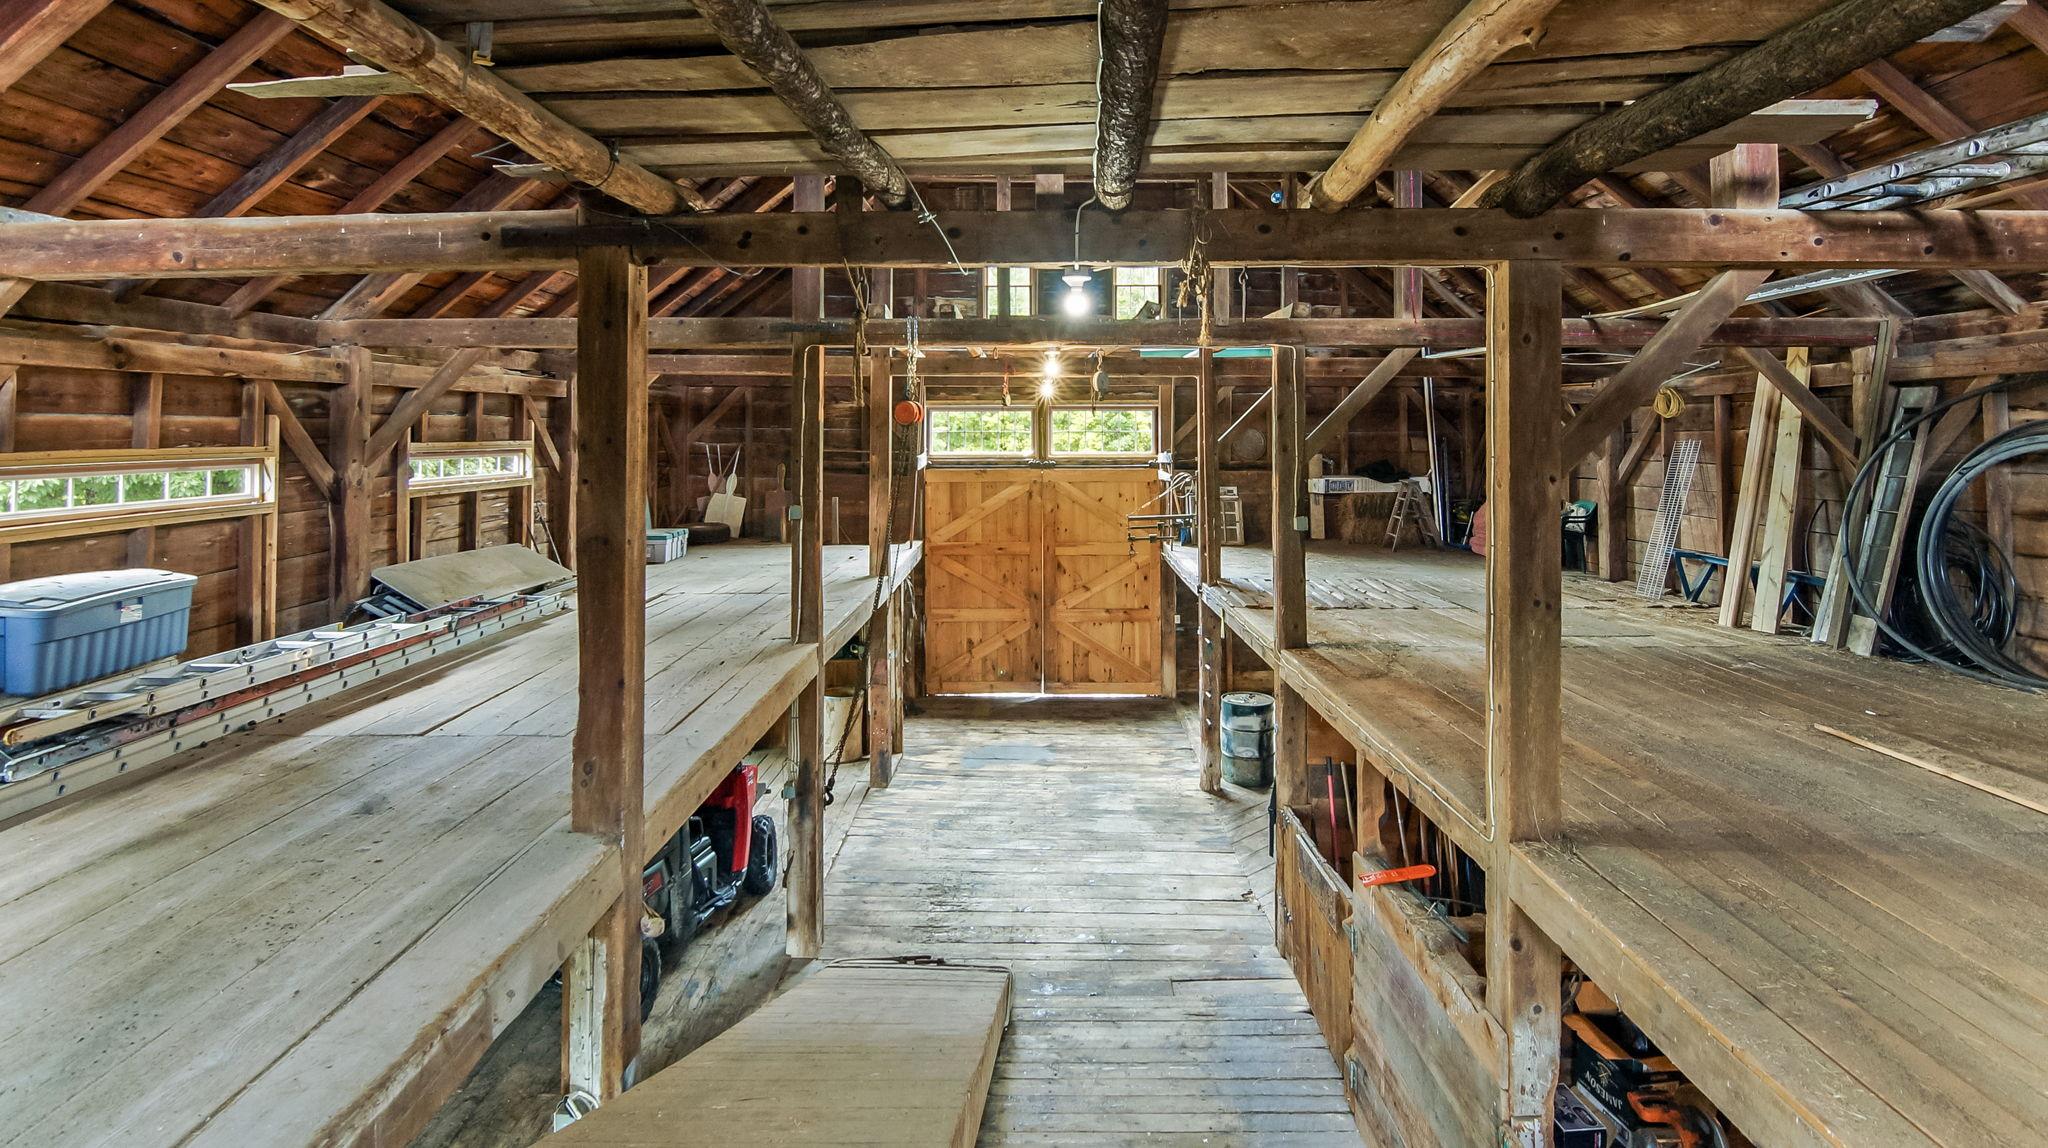 40' x 60'+- Main Barn - 2nd Floor